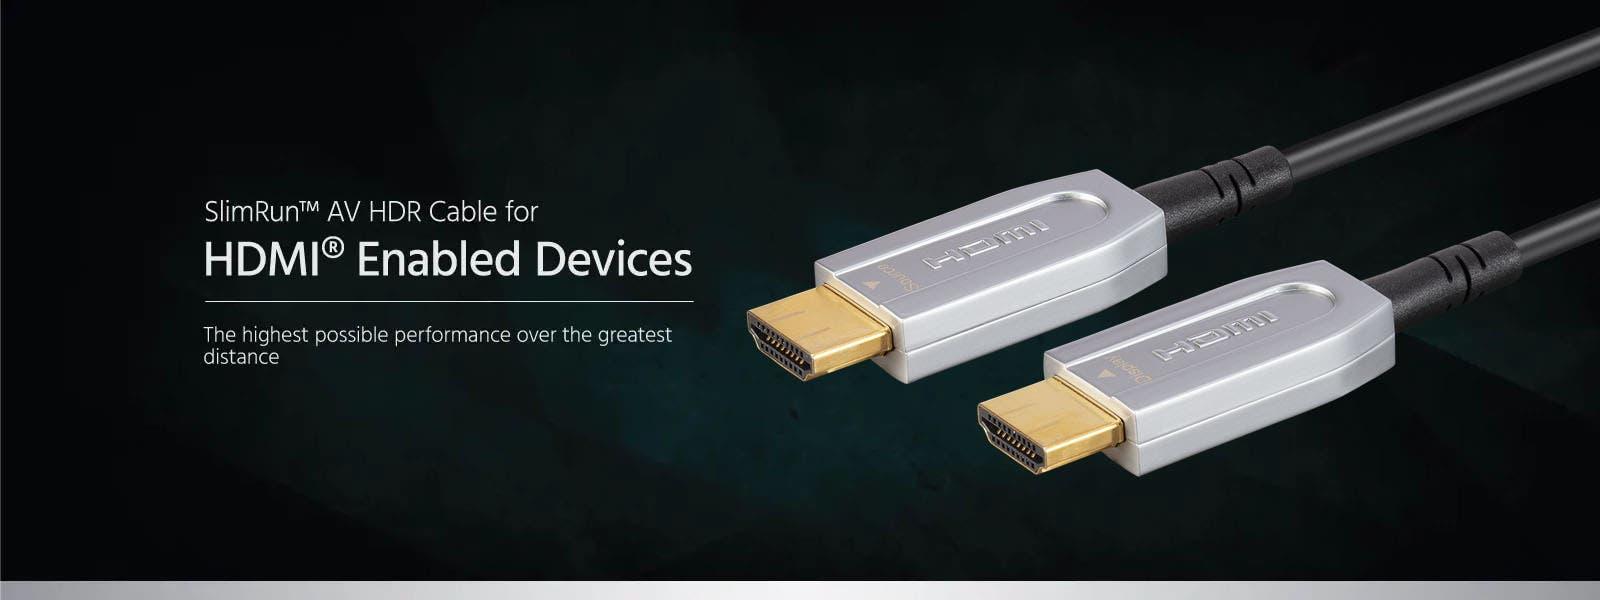 SlimRun AV HDR Cable